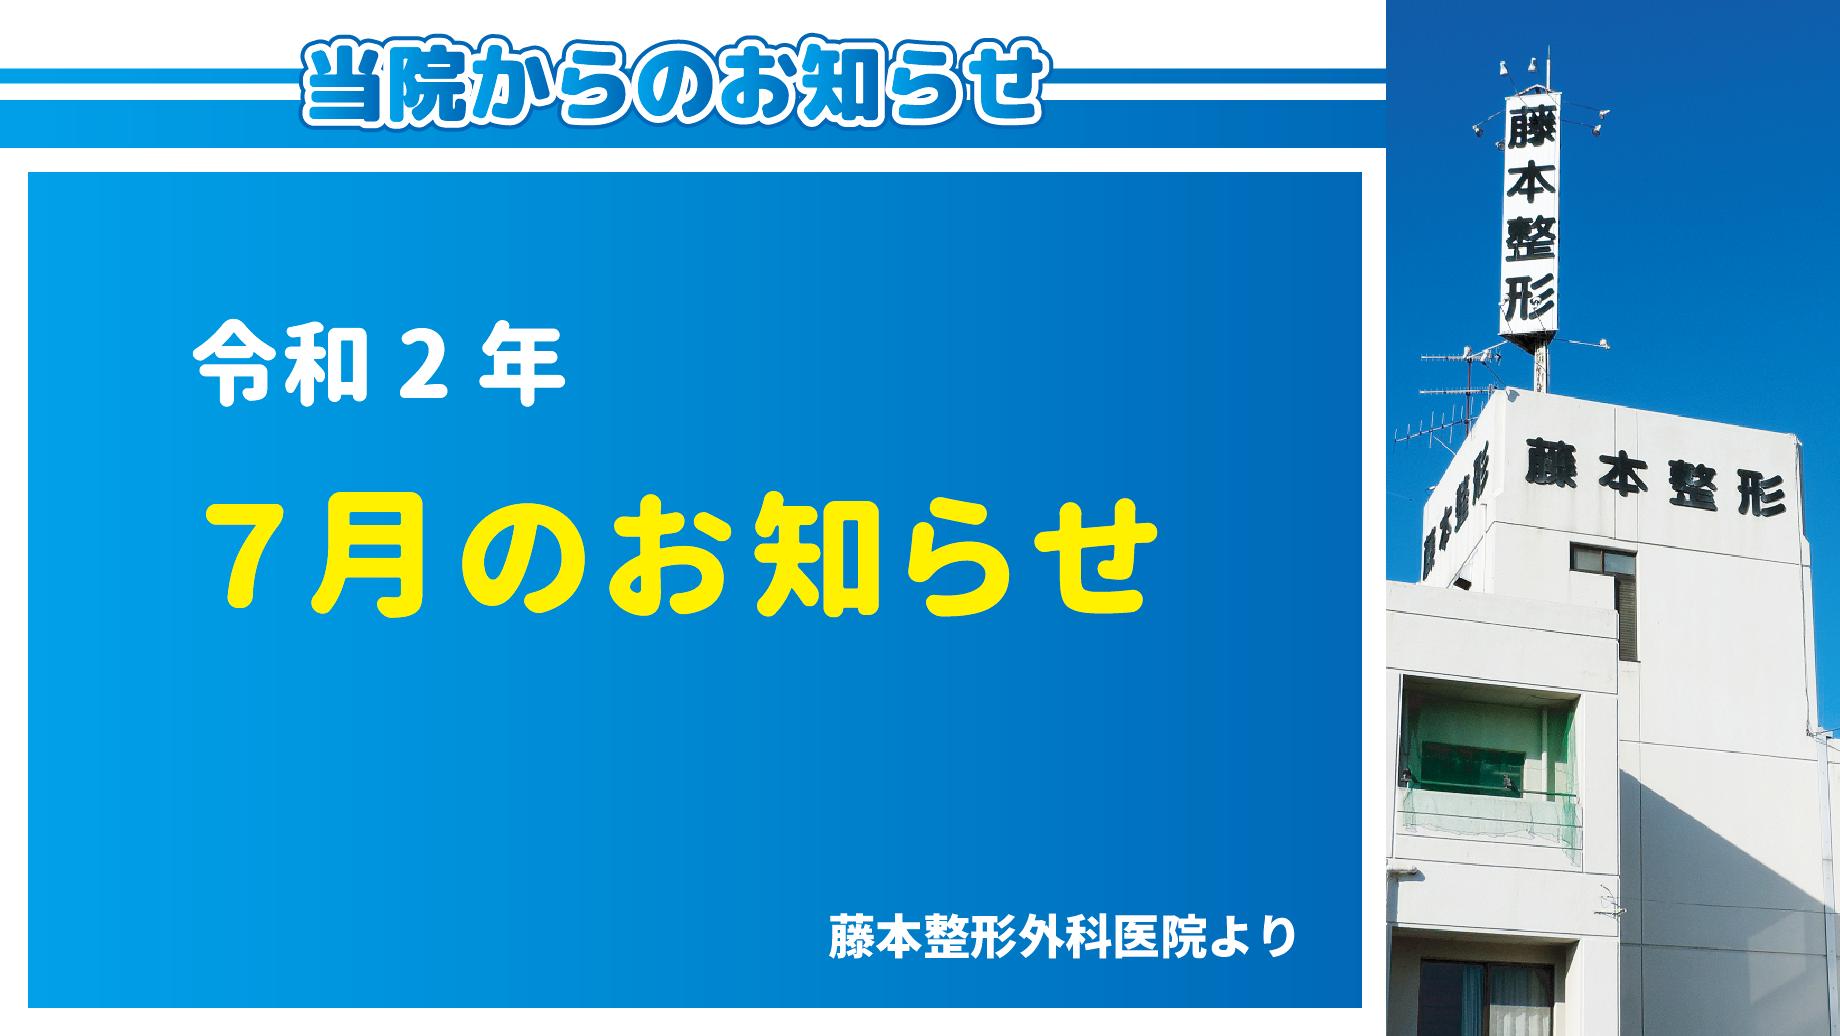 令和2年7月のお知らせ(大分の藤本整形外科医院より)